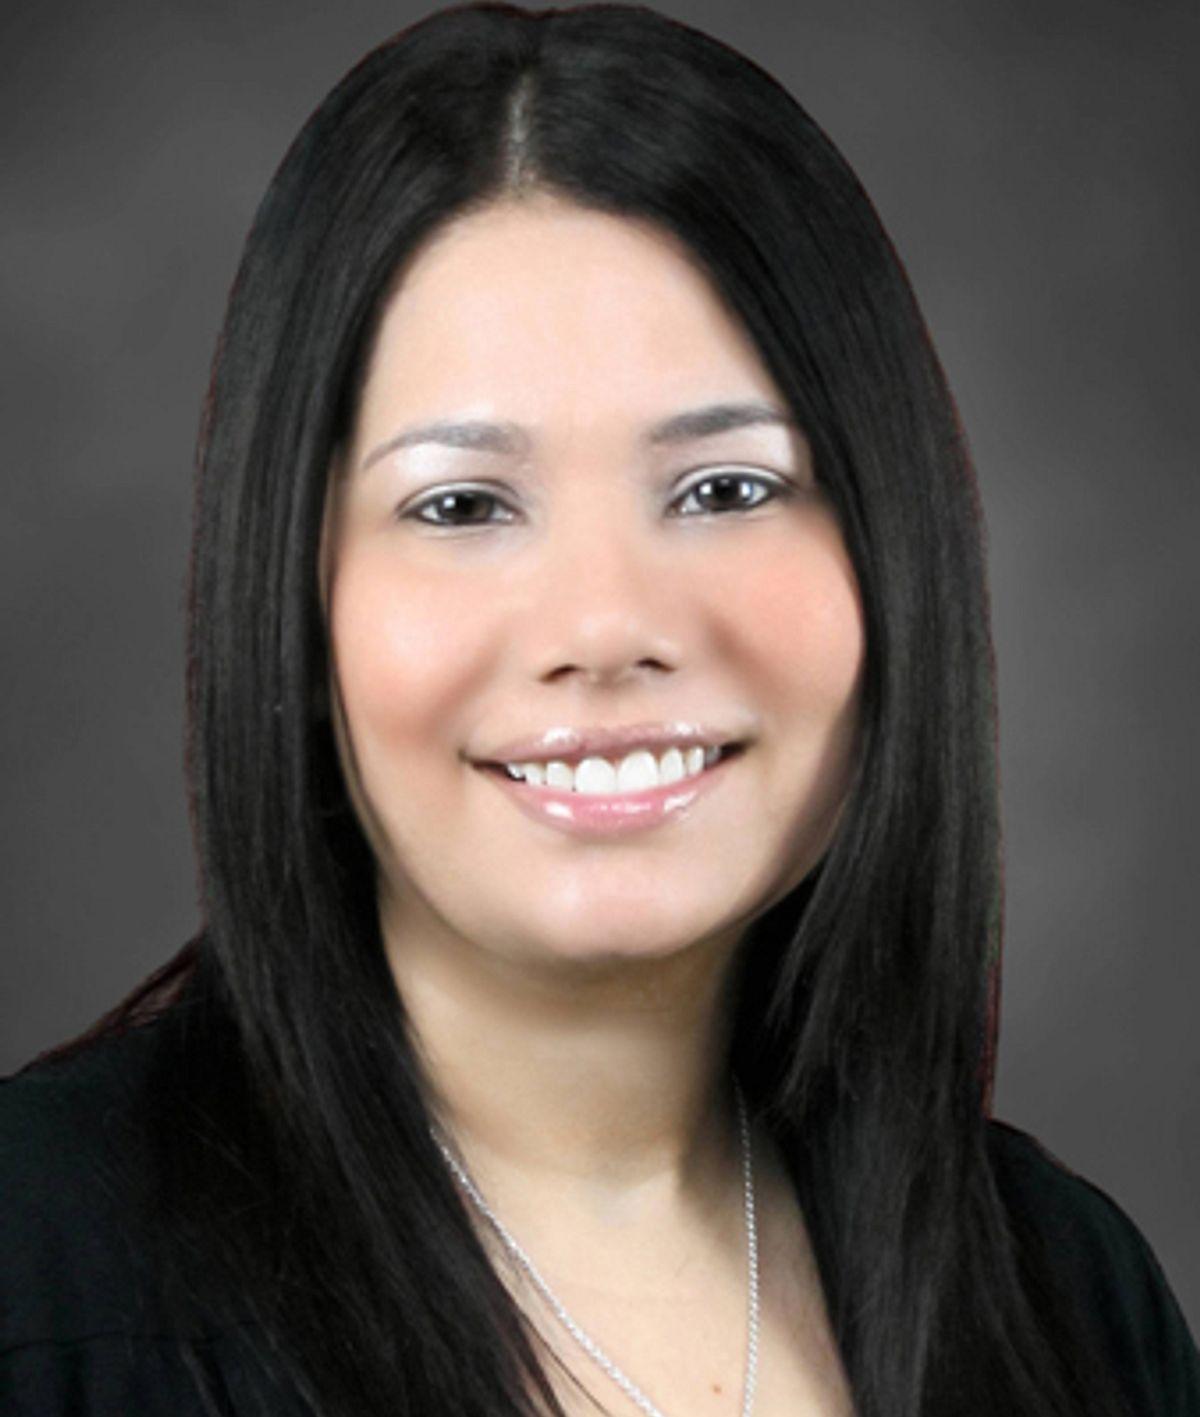 Yvette Alvarez